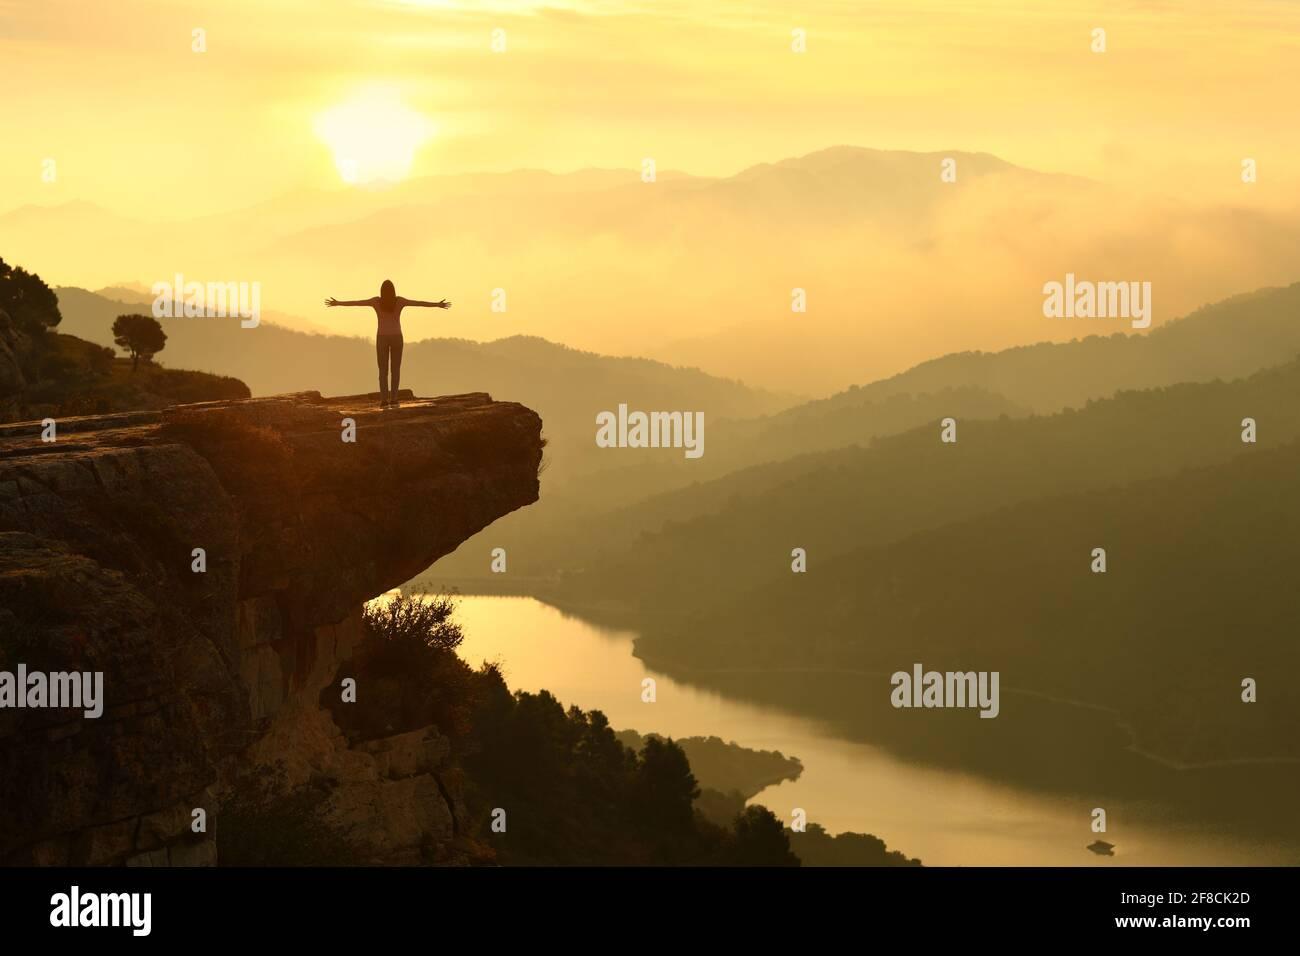 Vista posterior retrato de una silueta de mujer que celebra el éxito en un hermoso paisaje al atardecer Foto de stock